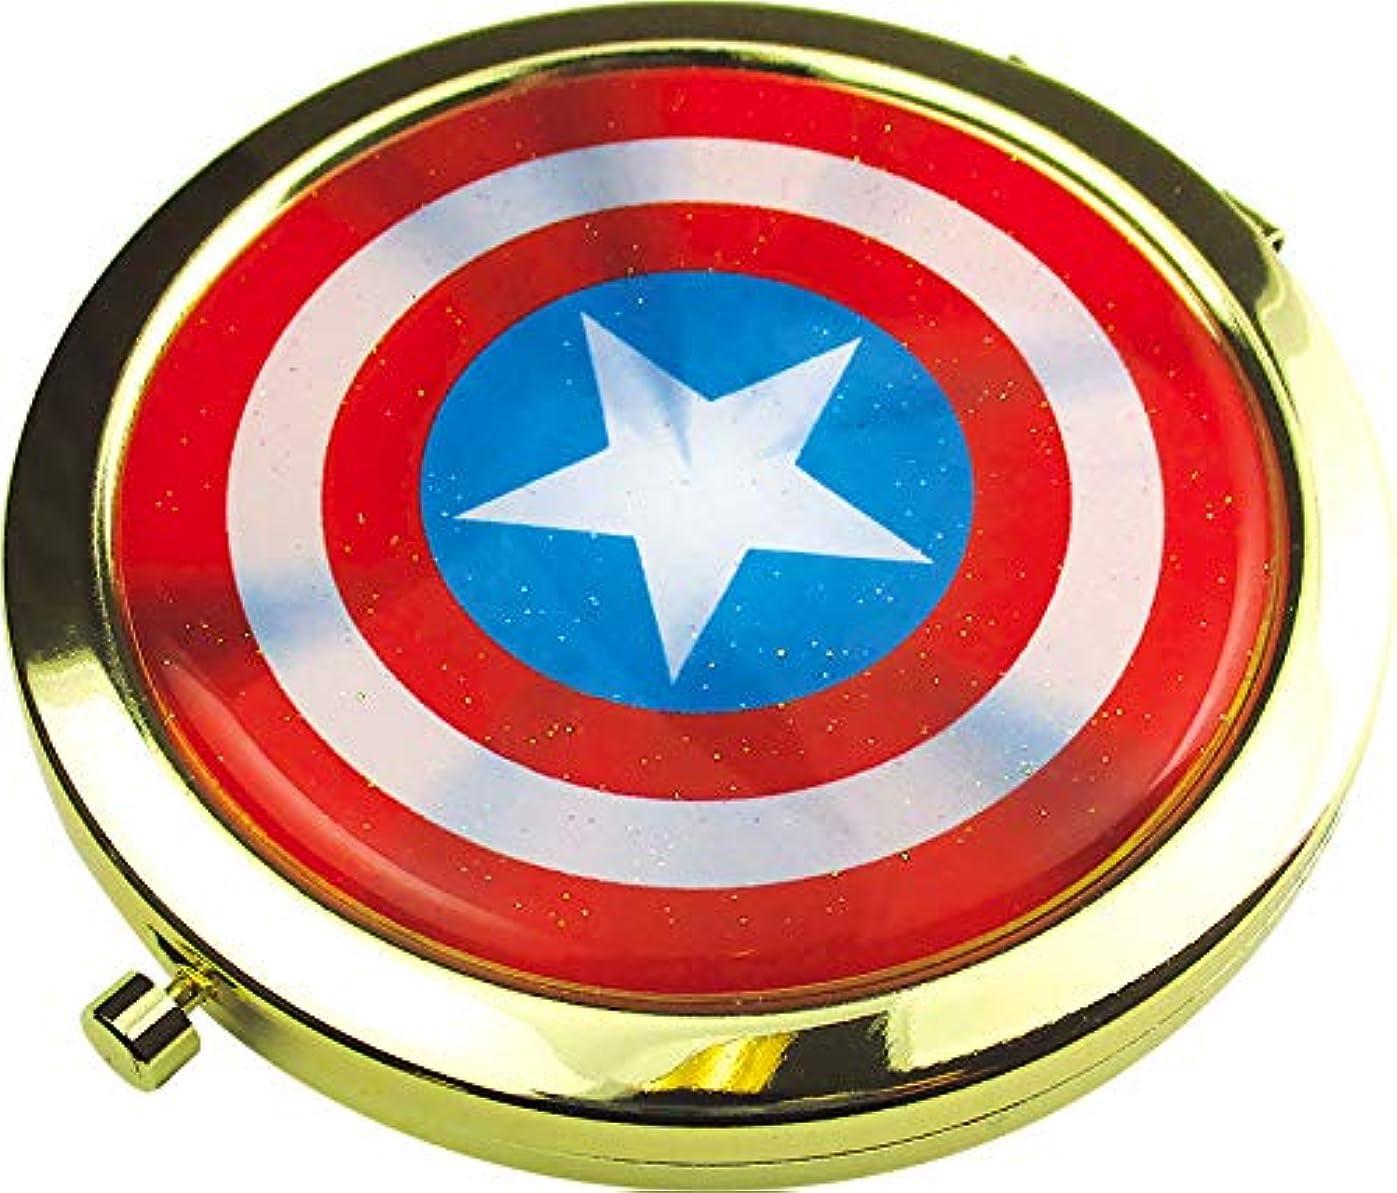 視力復活才能のあるティーズファクトリー 鏡 マーベル キャプテン?アメリカ Wコンパクトミラー MV-5537052CA